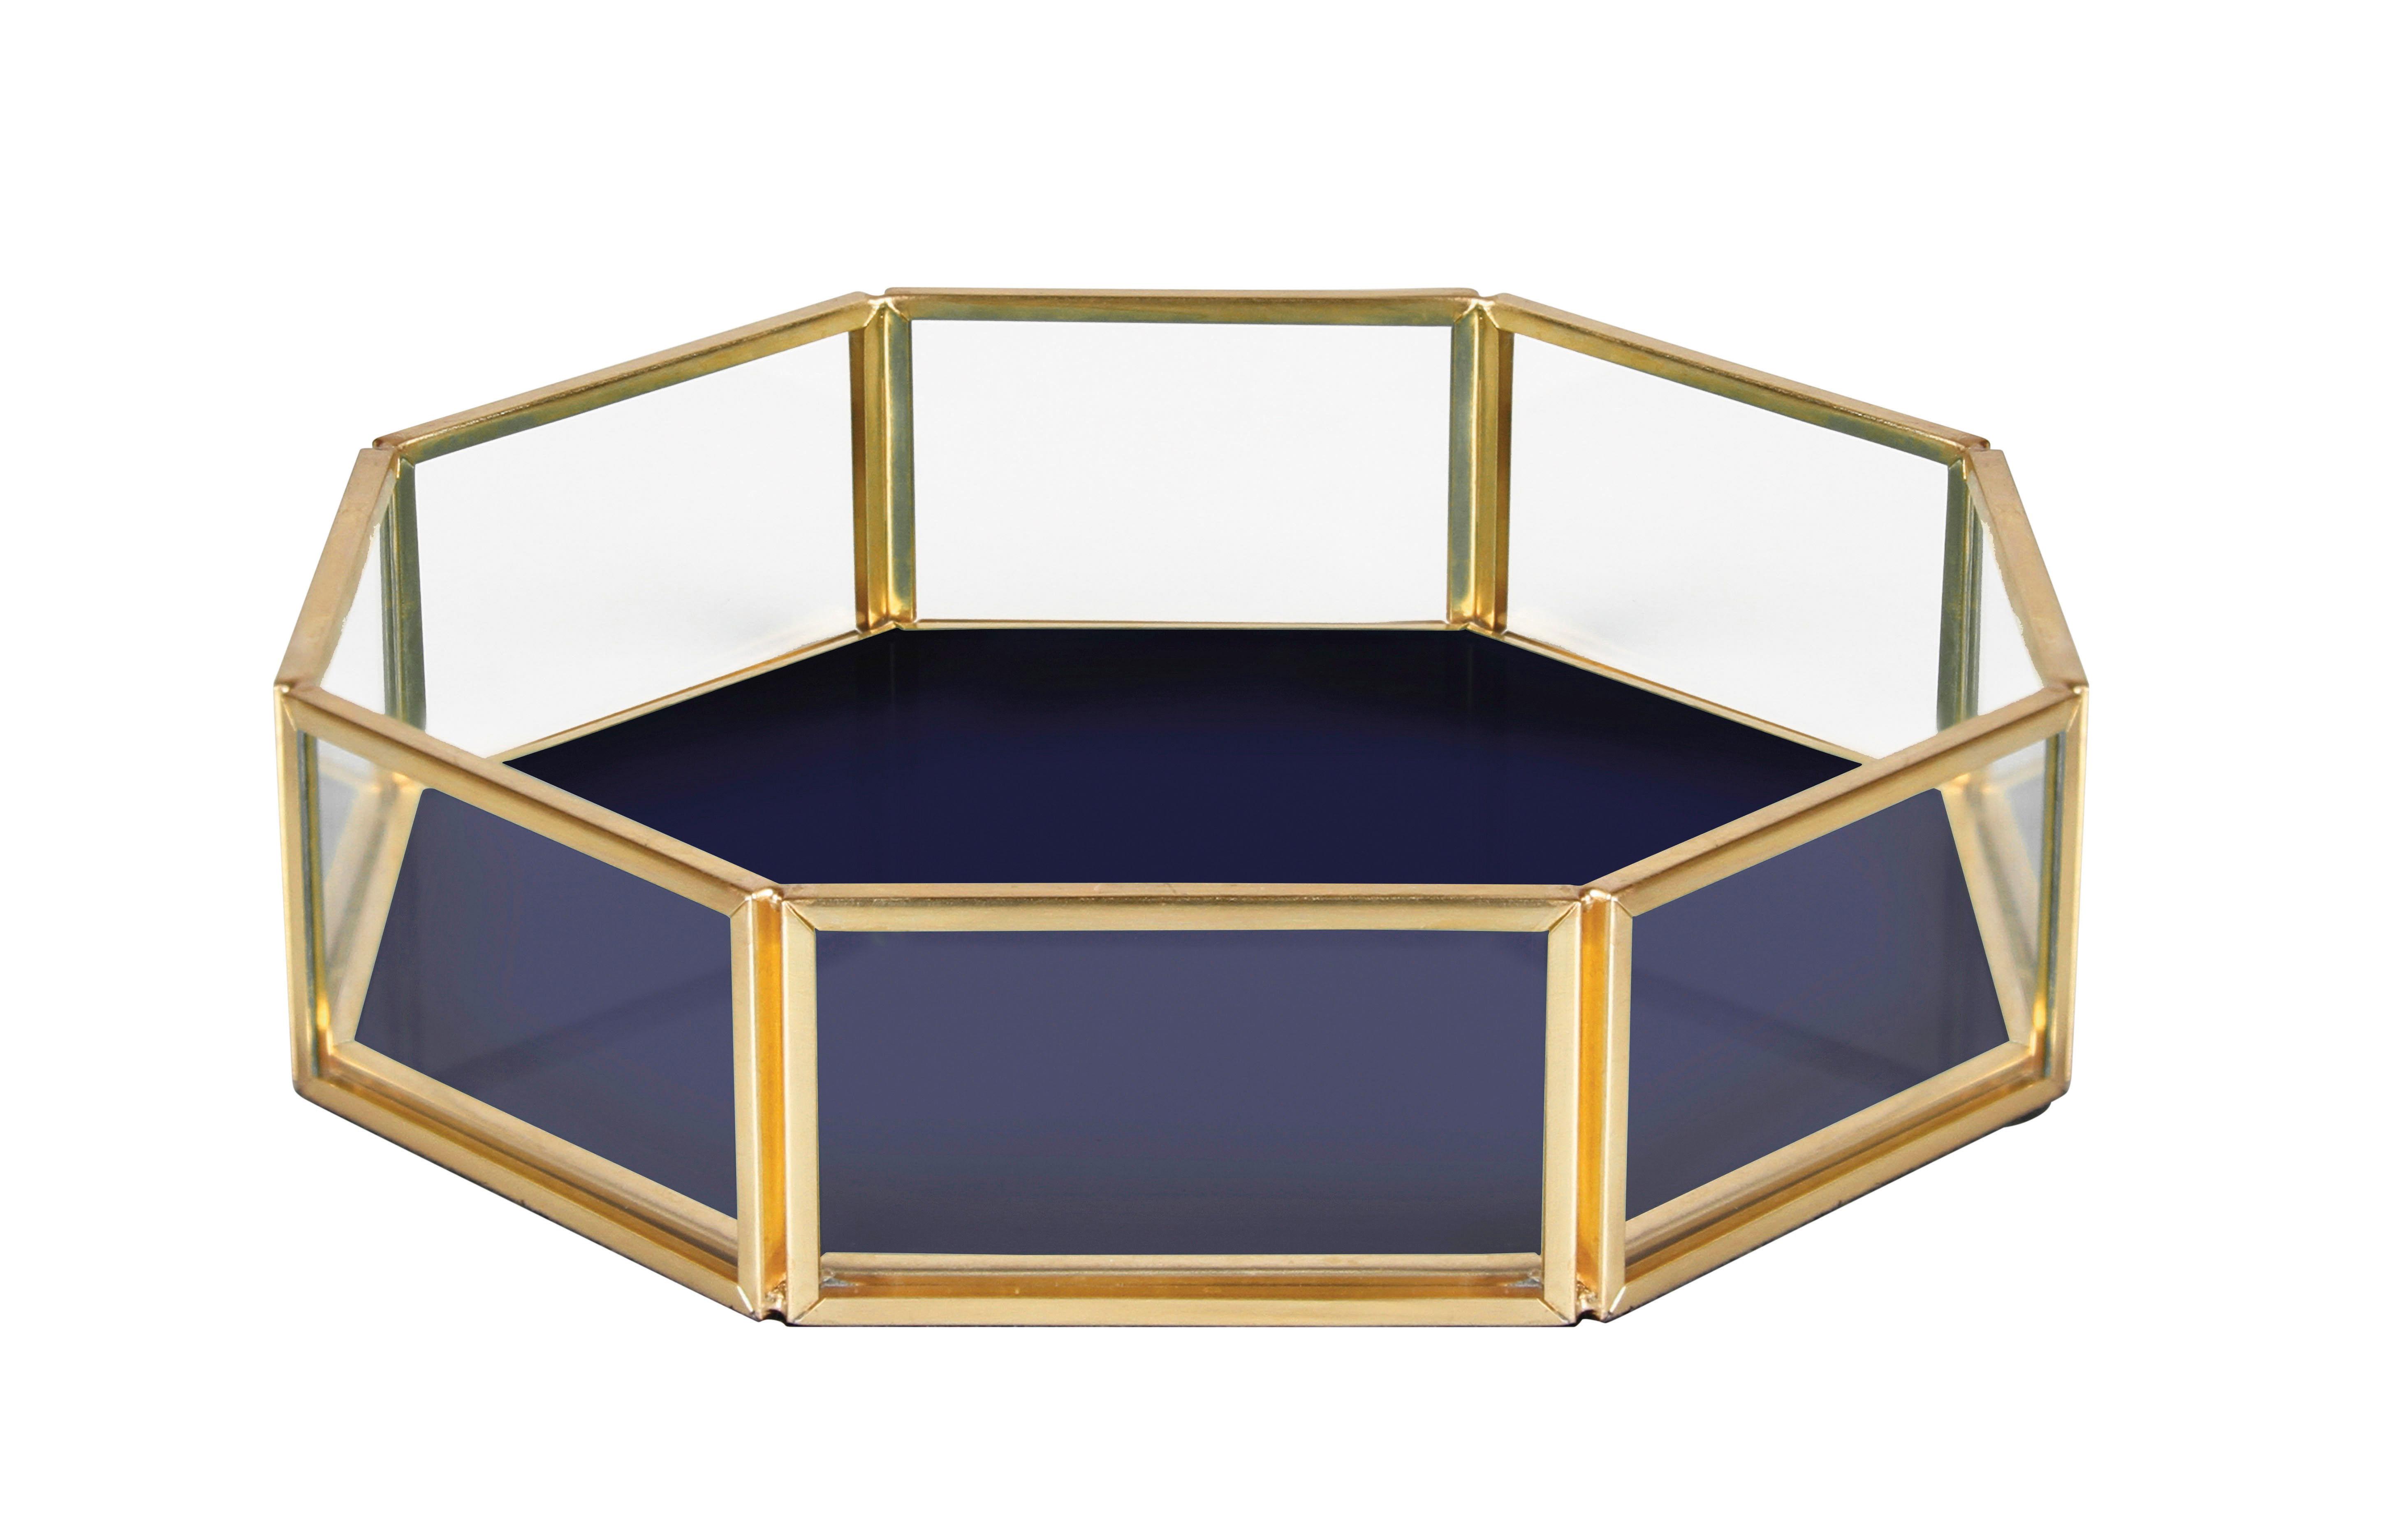 Déco - Boîtes déco - Coupelle / 16 x 16 cm - Verre & métal - & klevering - Octogone / Bleu marine - Métal finition laiton, Verre